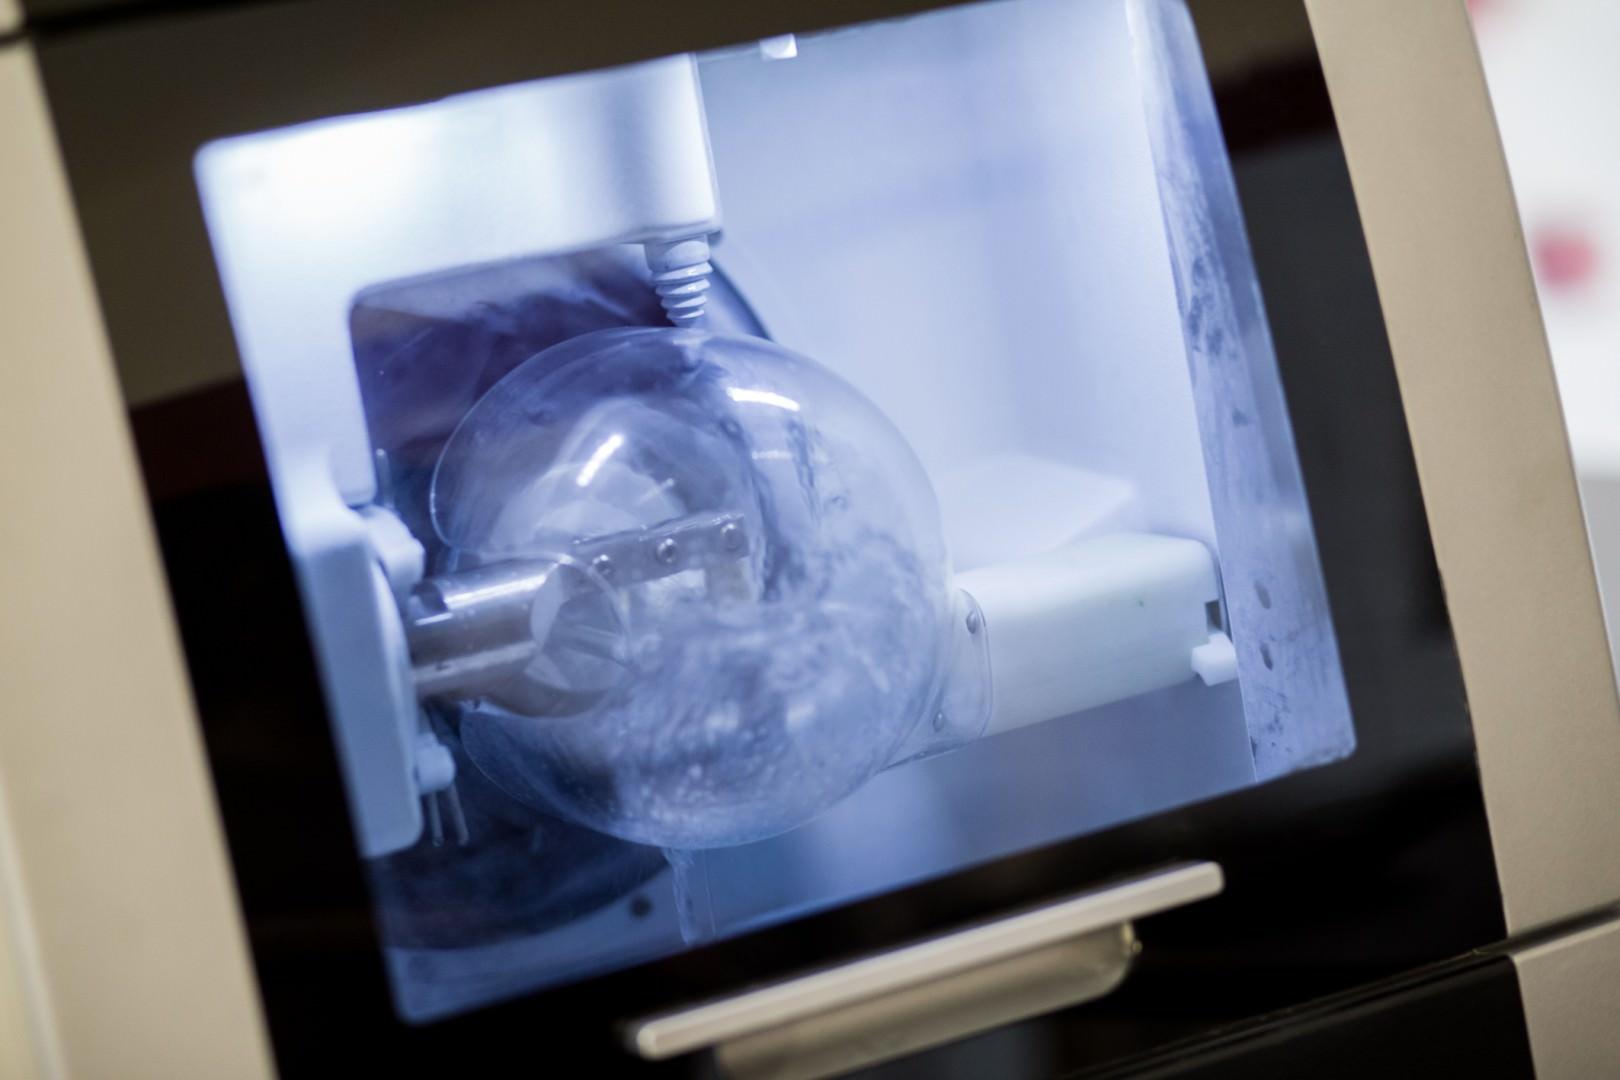 zahnmedizinisches Gerät im Labor